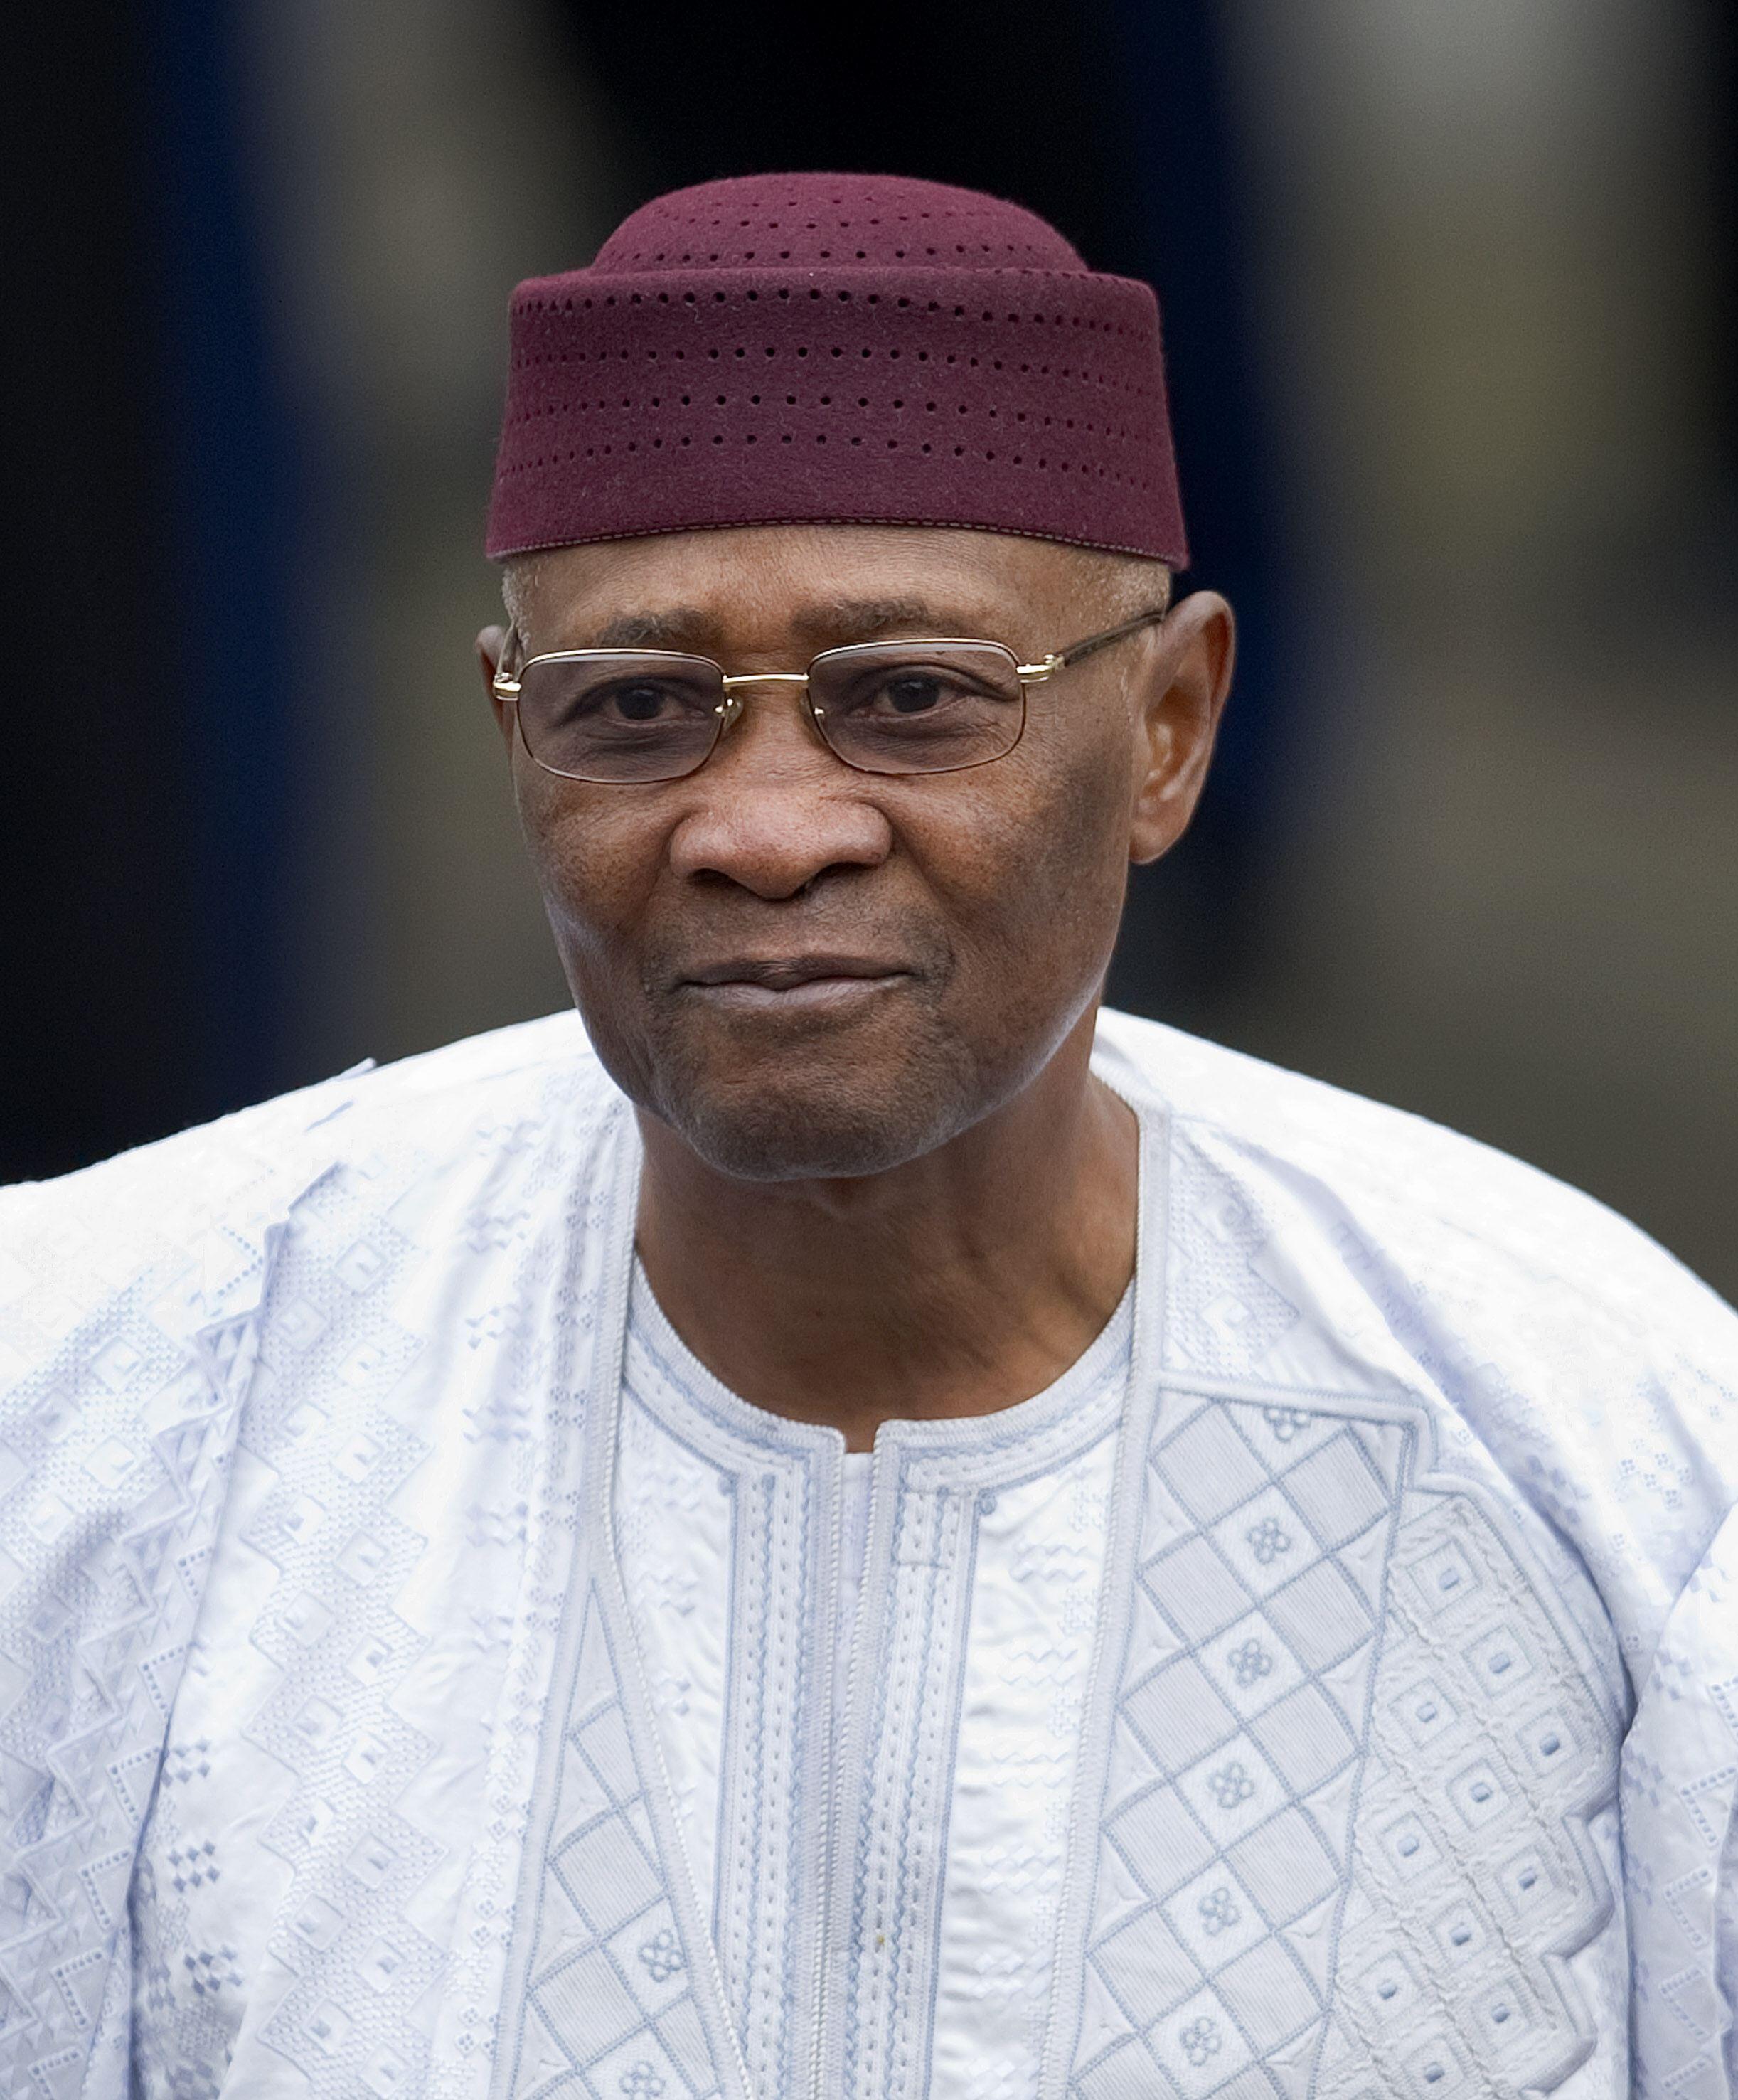 L'ex-président du Mali, Amadou Toumani Touré (image d'archives).